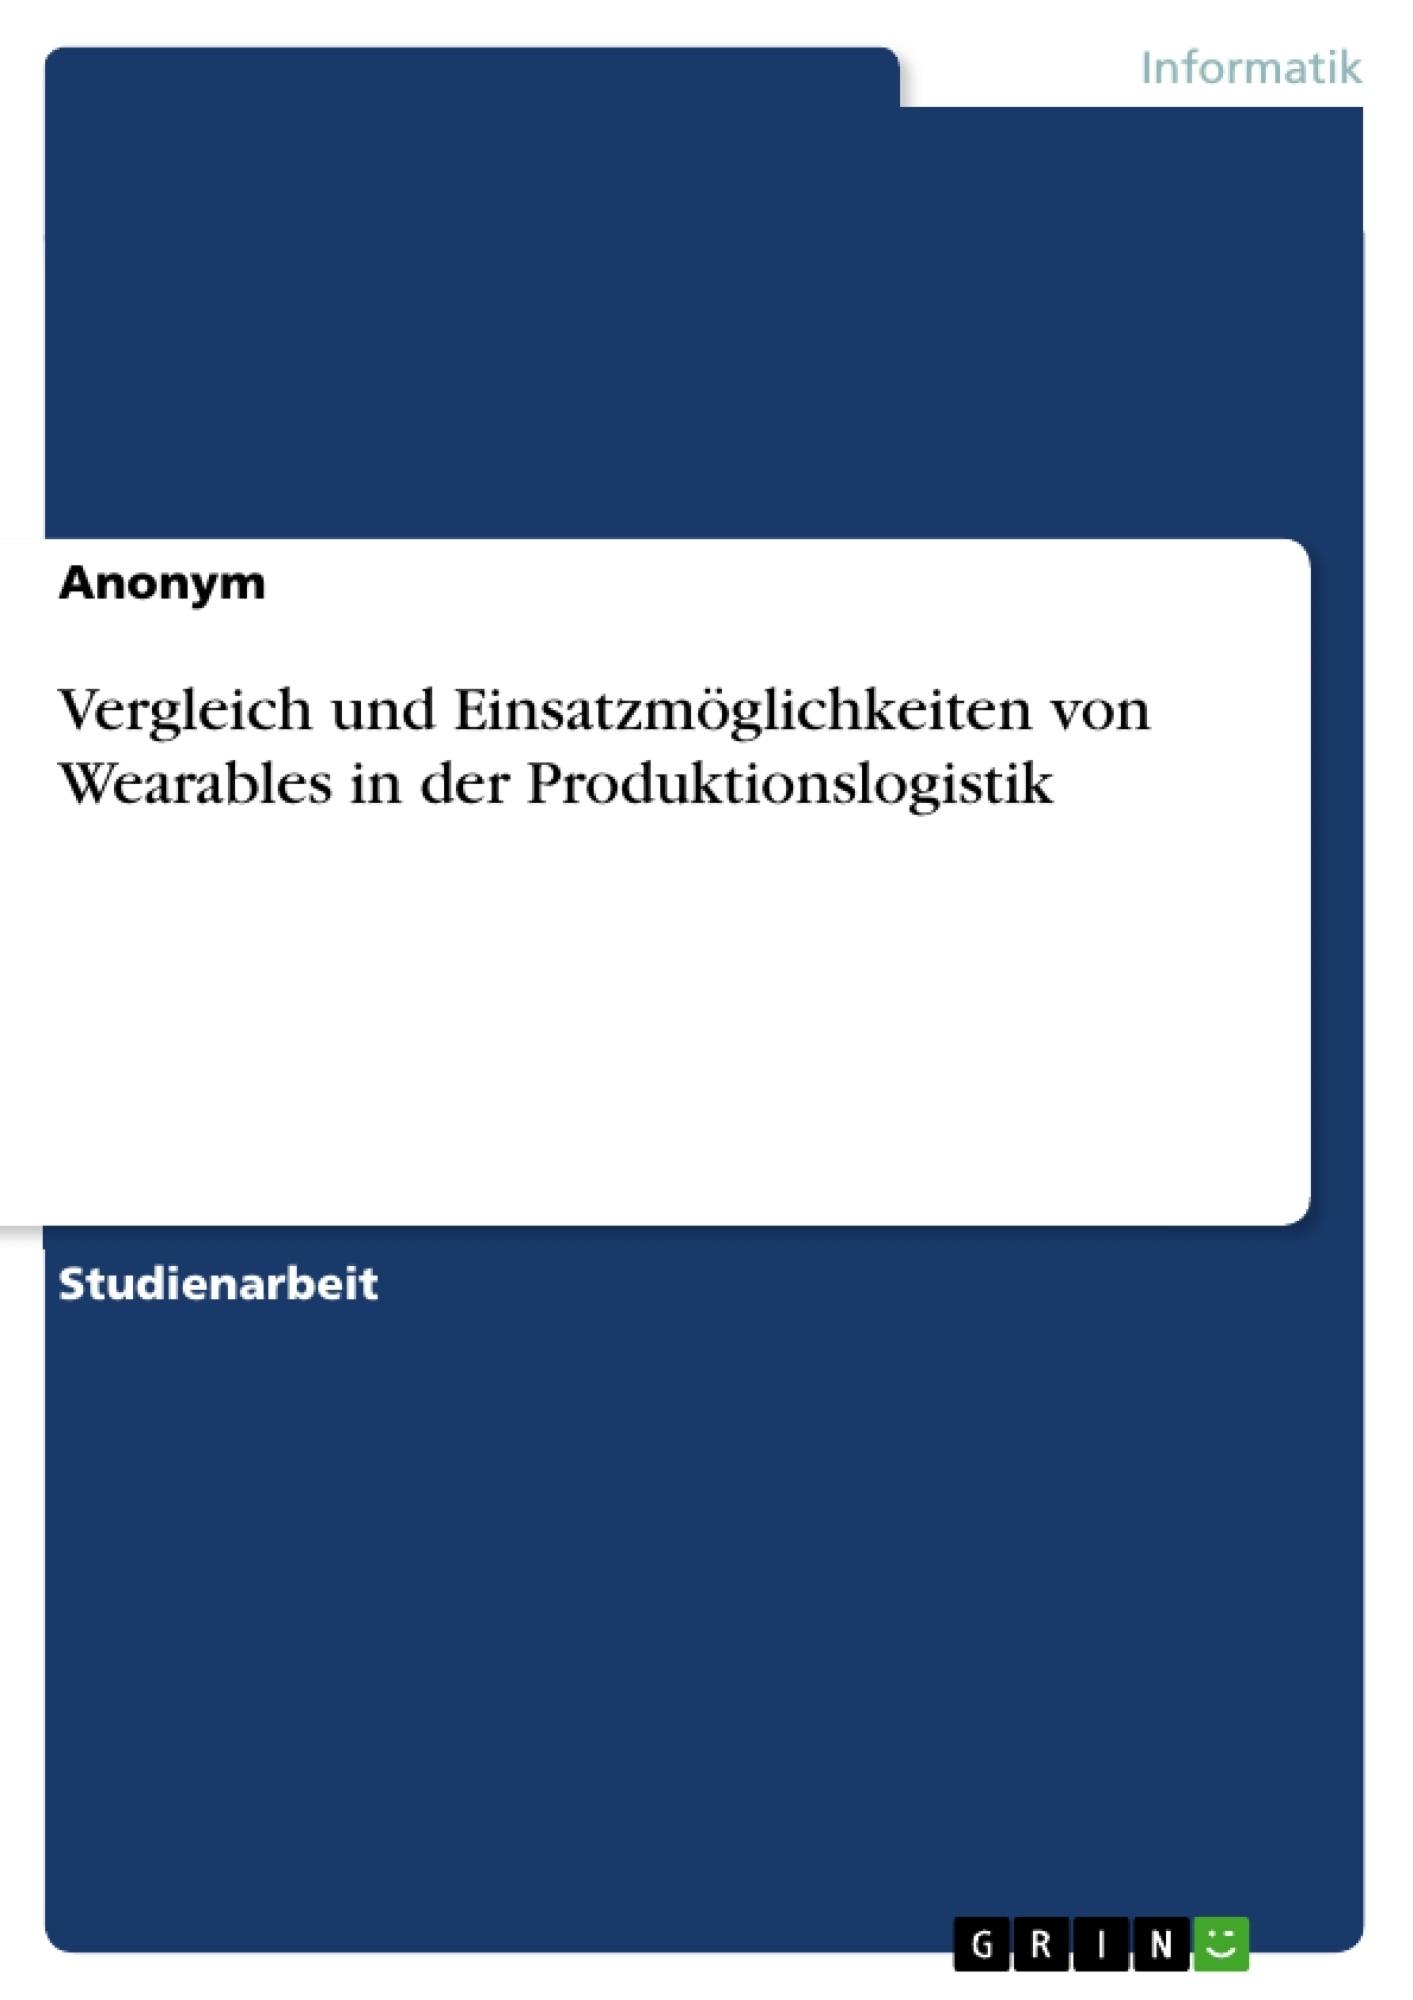 Titel: Vergleich und Einsatzmöglichkeiten von Wearables in der Produktionslogistik